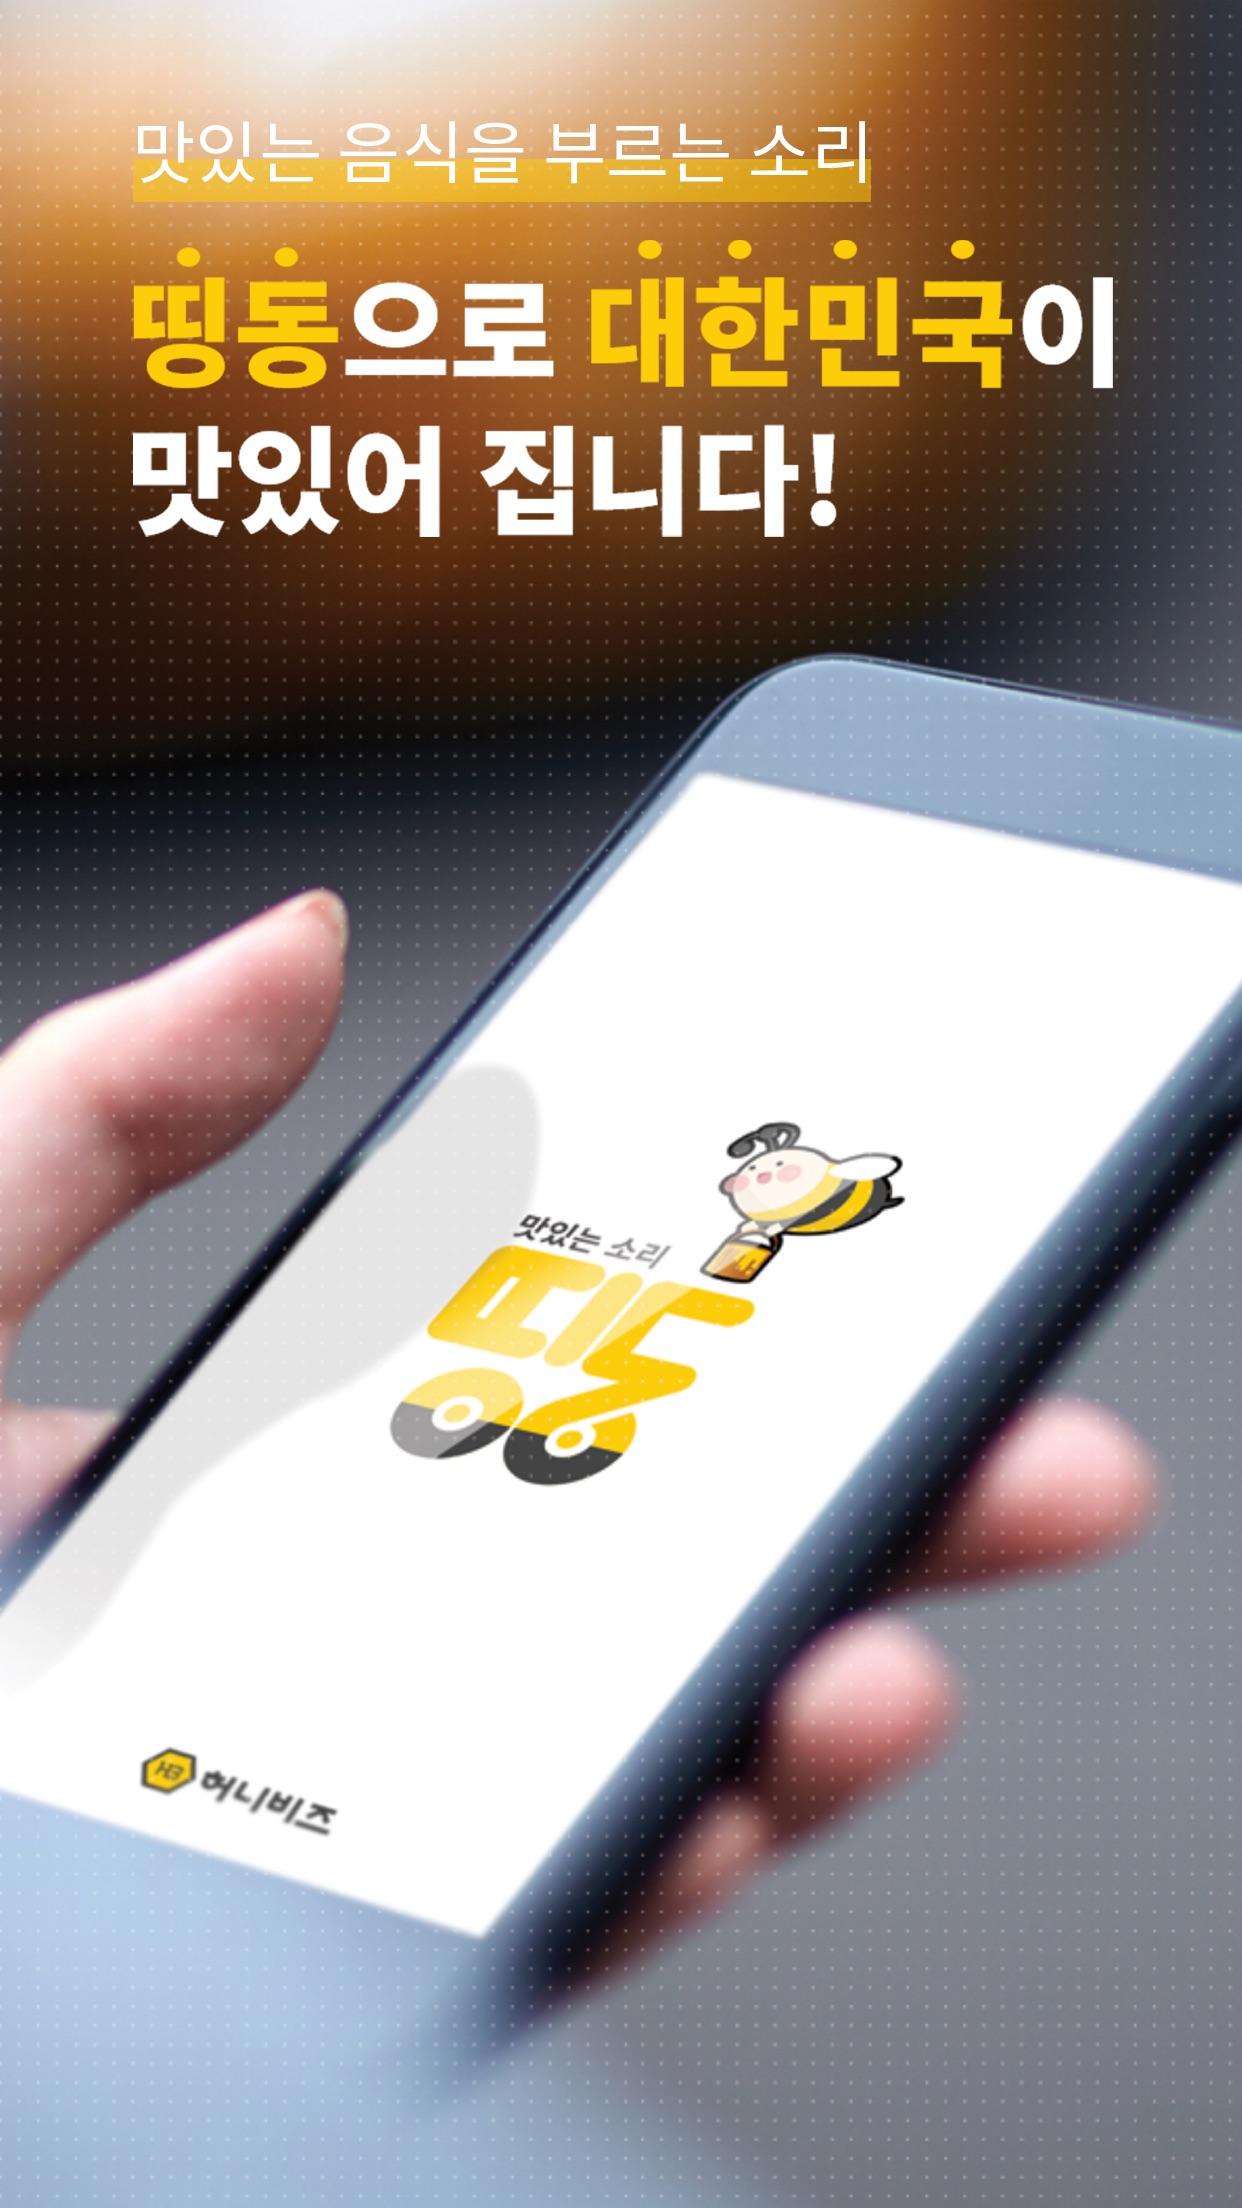 띵동 - 맛있는 소리, 띵동 Screenshot